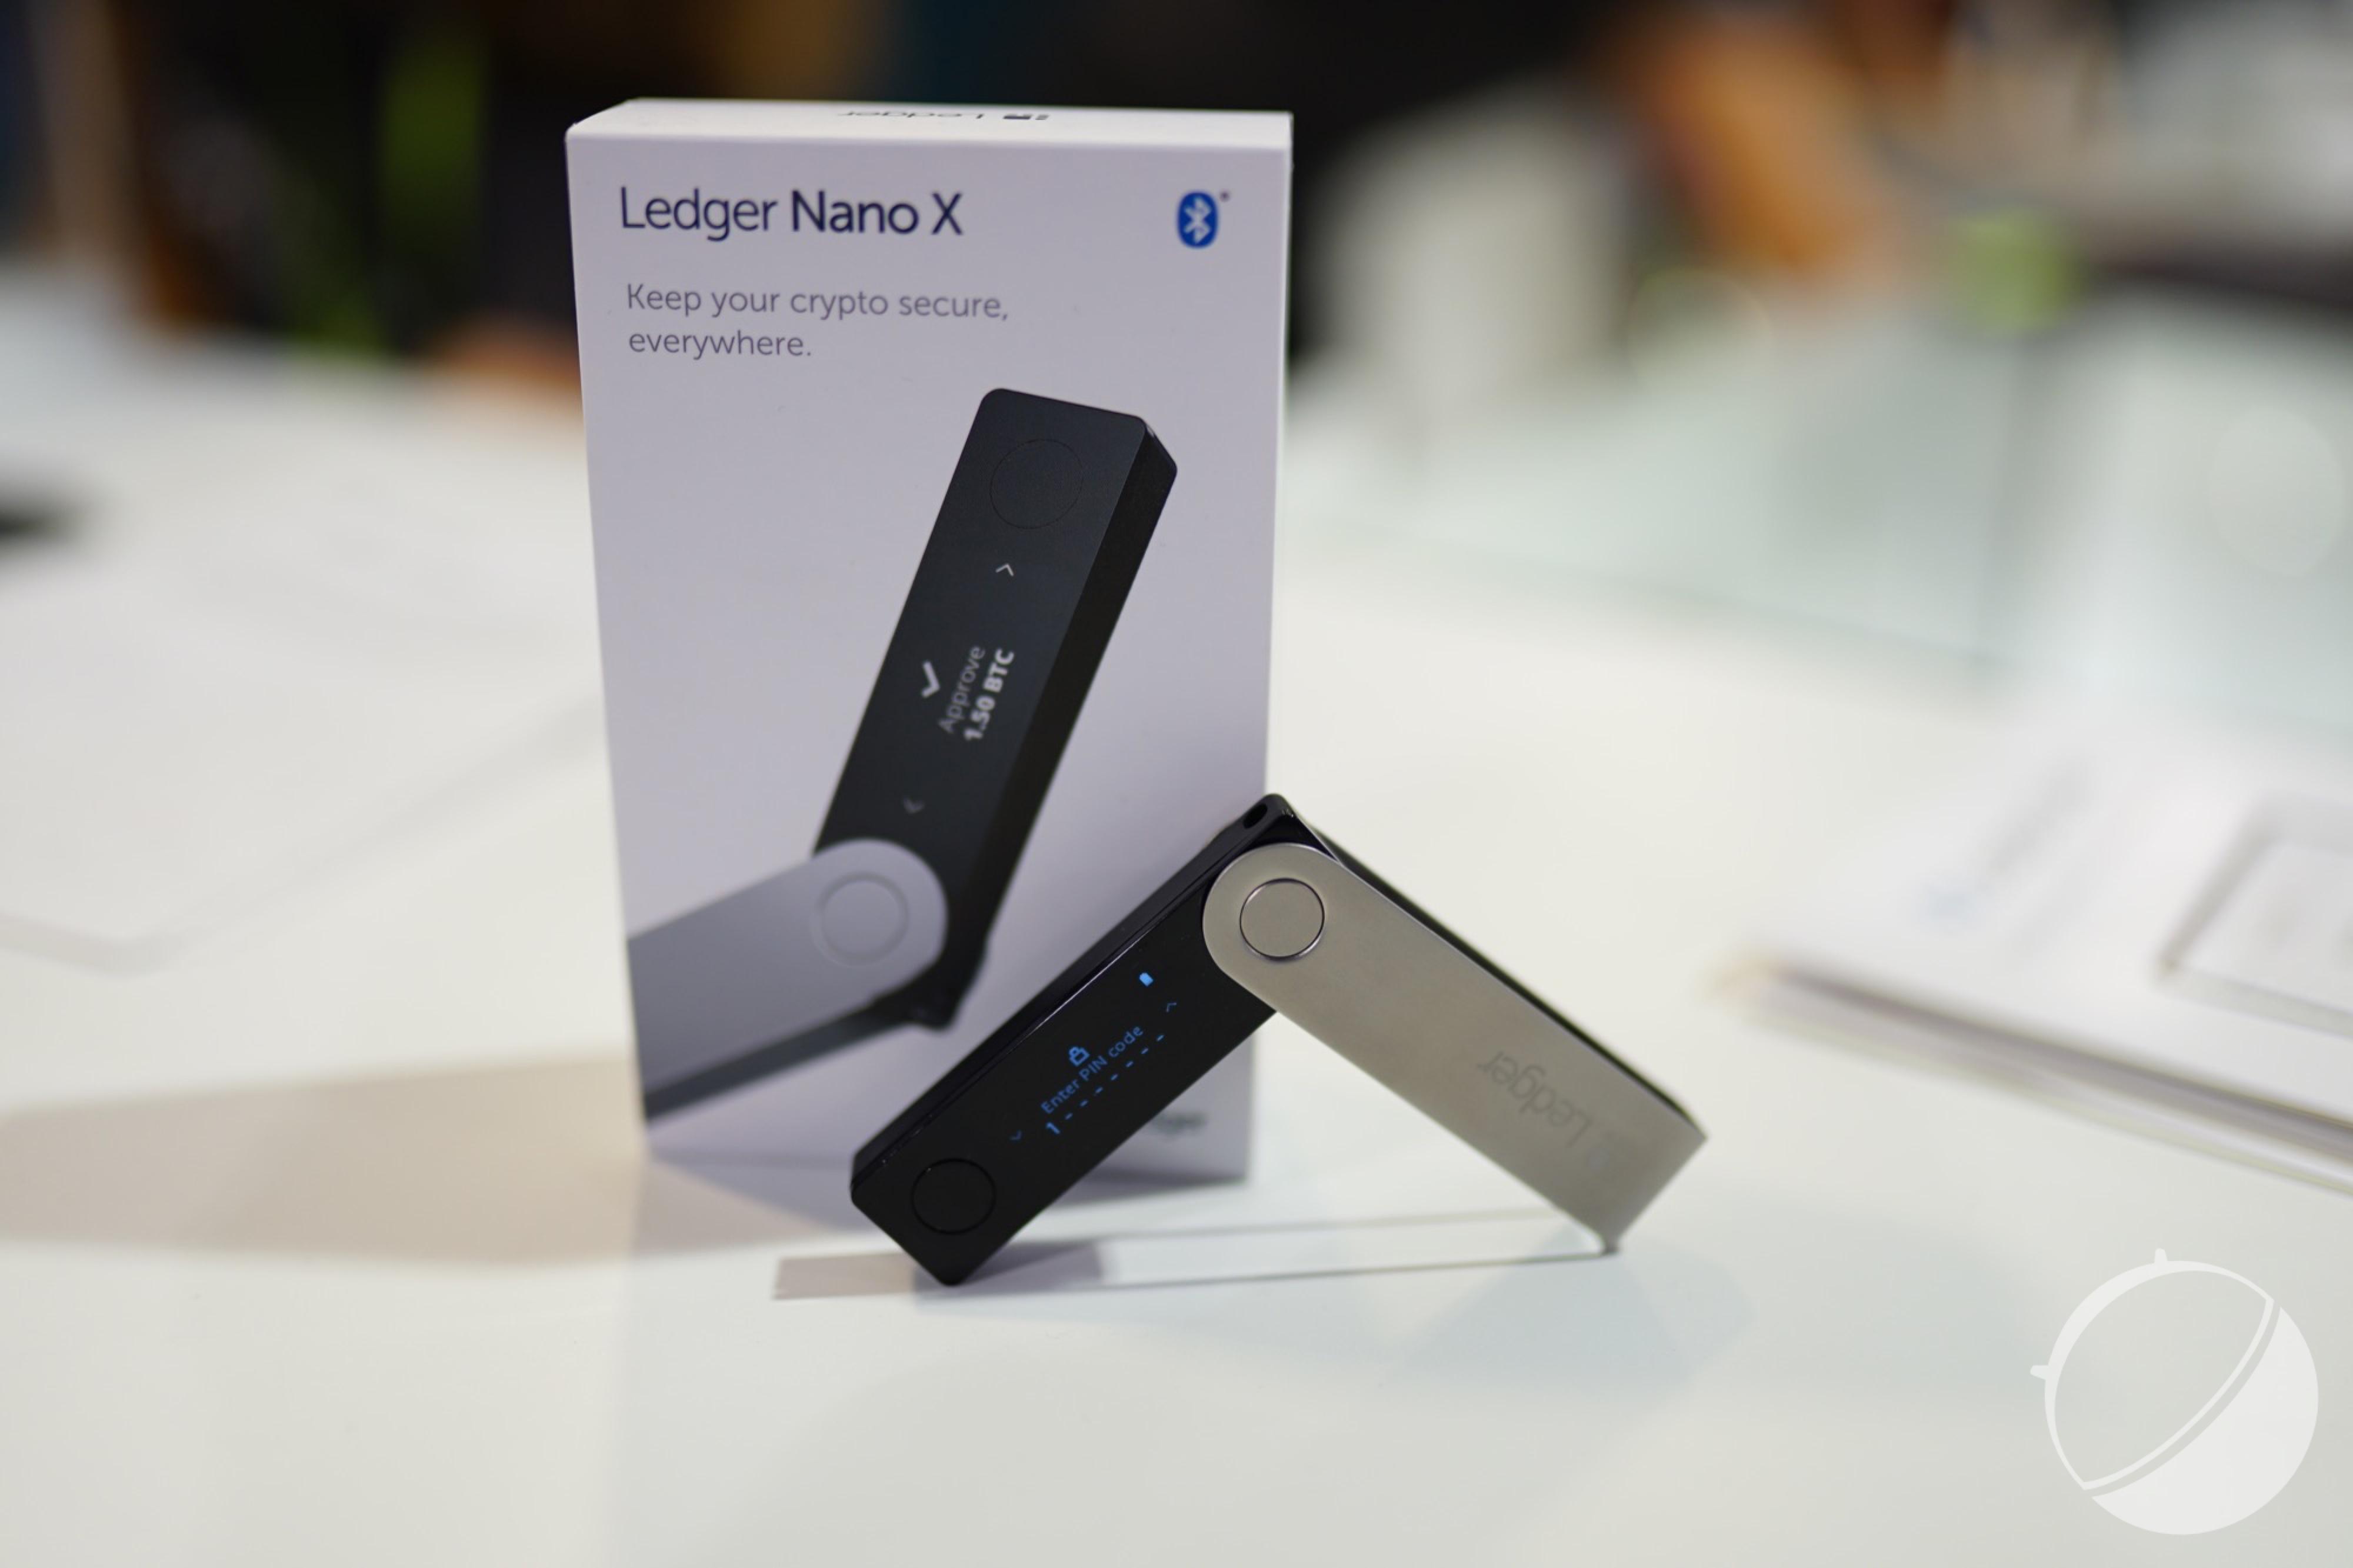 Nous avons essayé le Ledger Nano X, toujours sécurisé mais désormais mobile